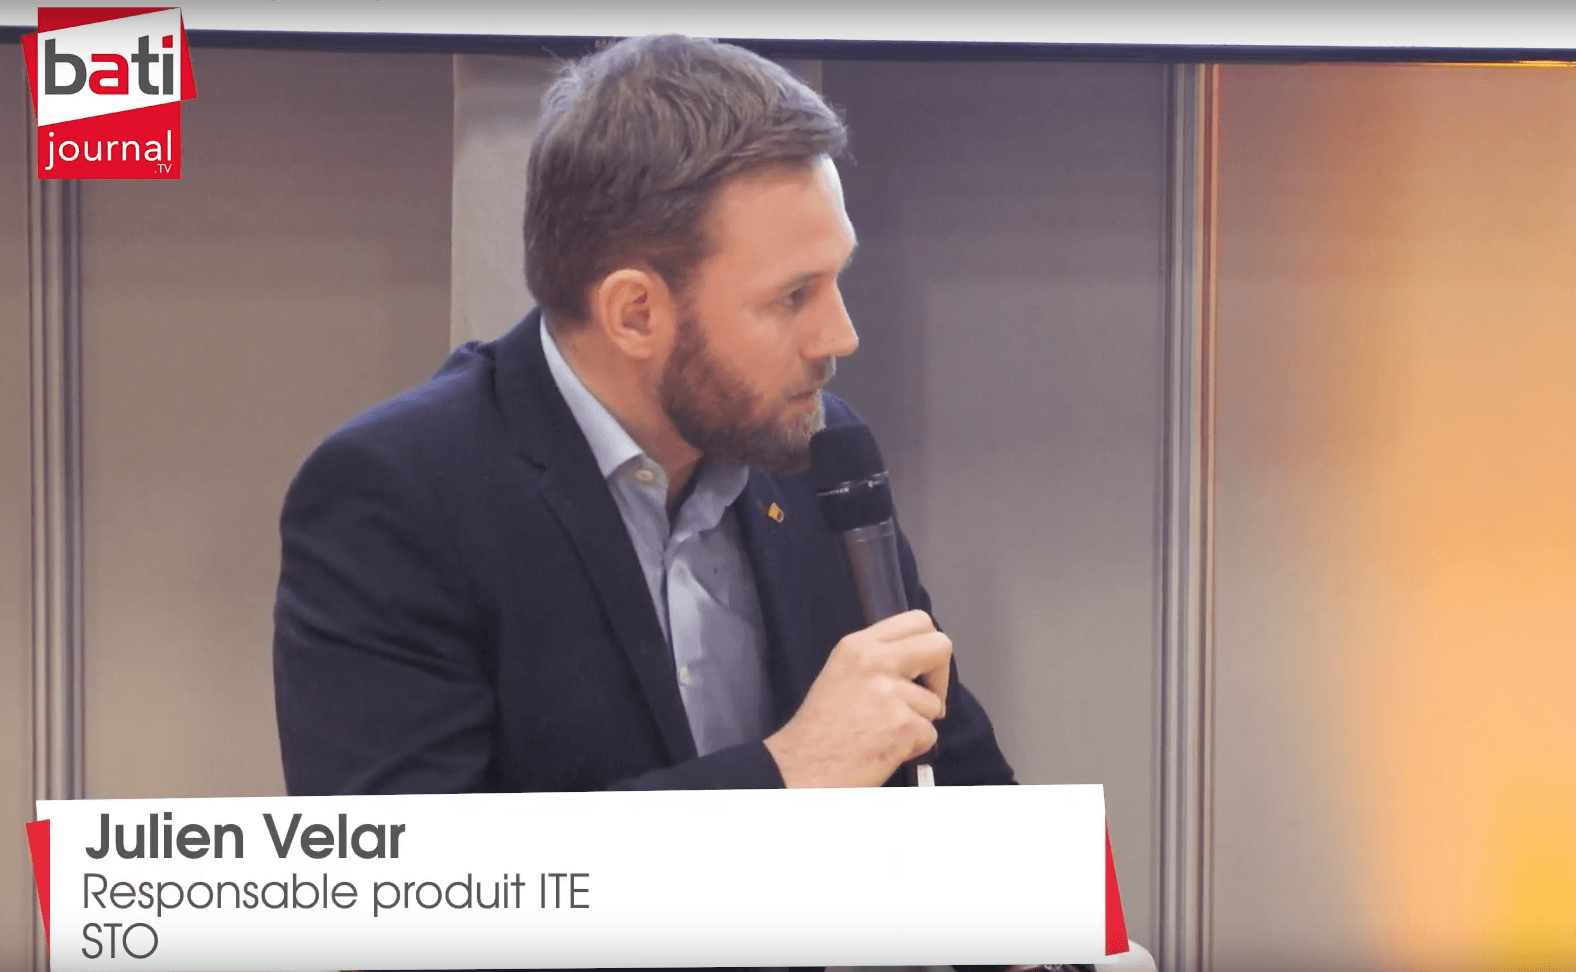 Rencontre avec Julien Velar, Responsable produit ITE chez STO